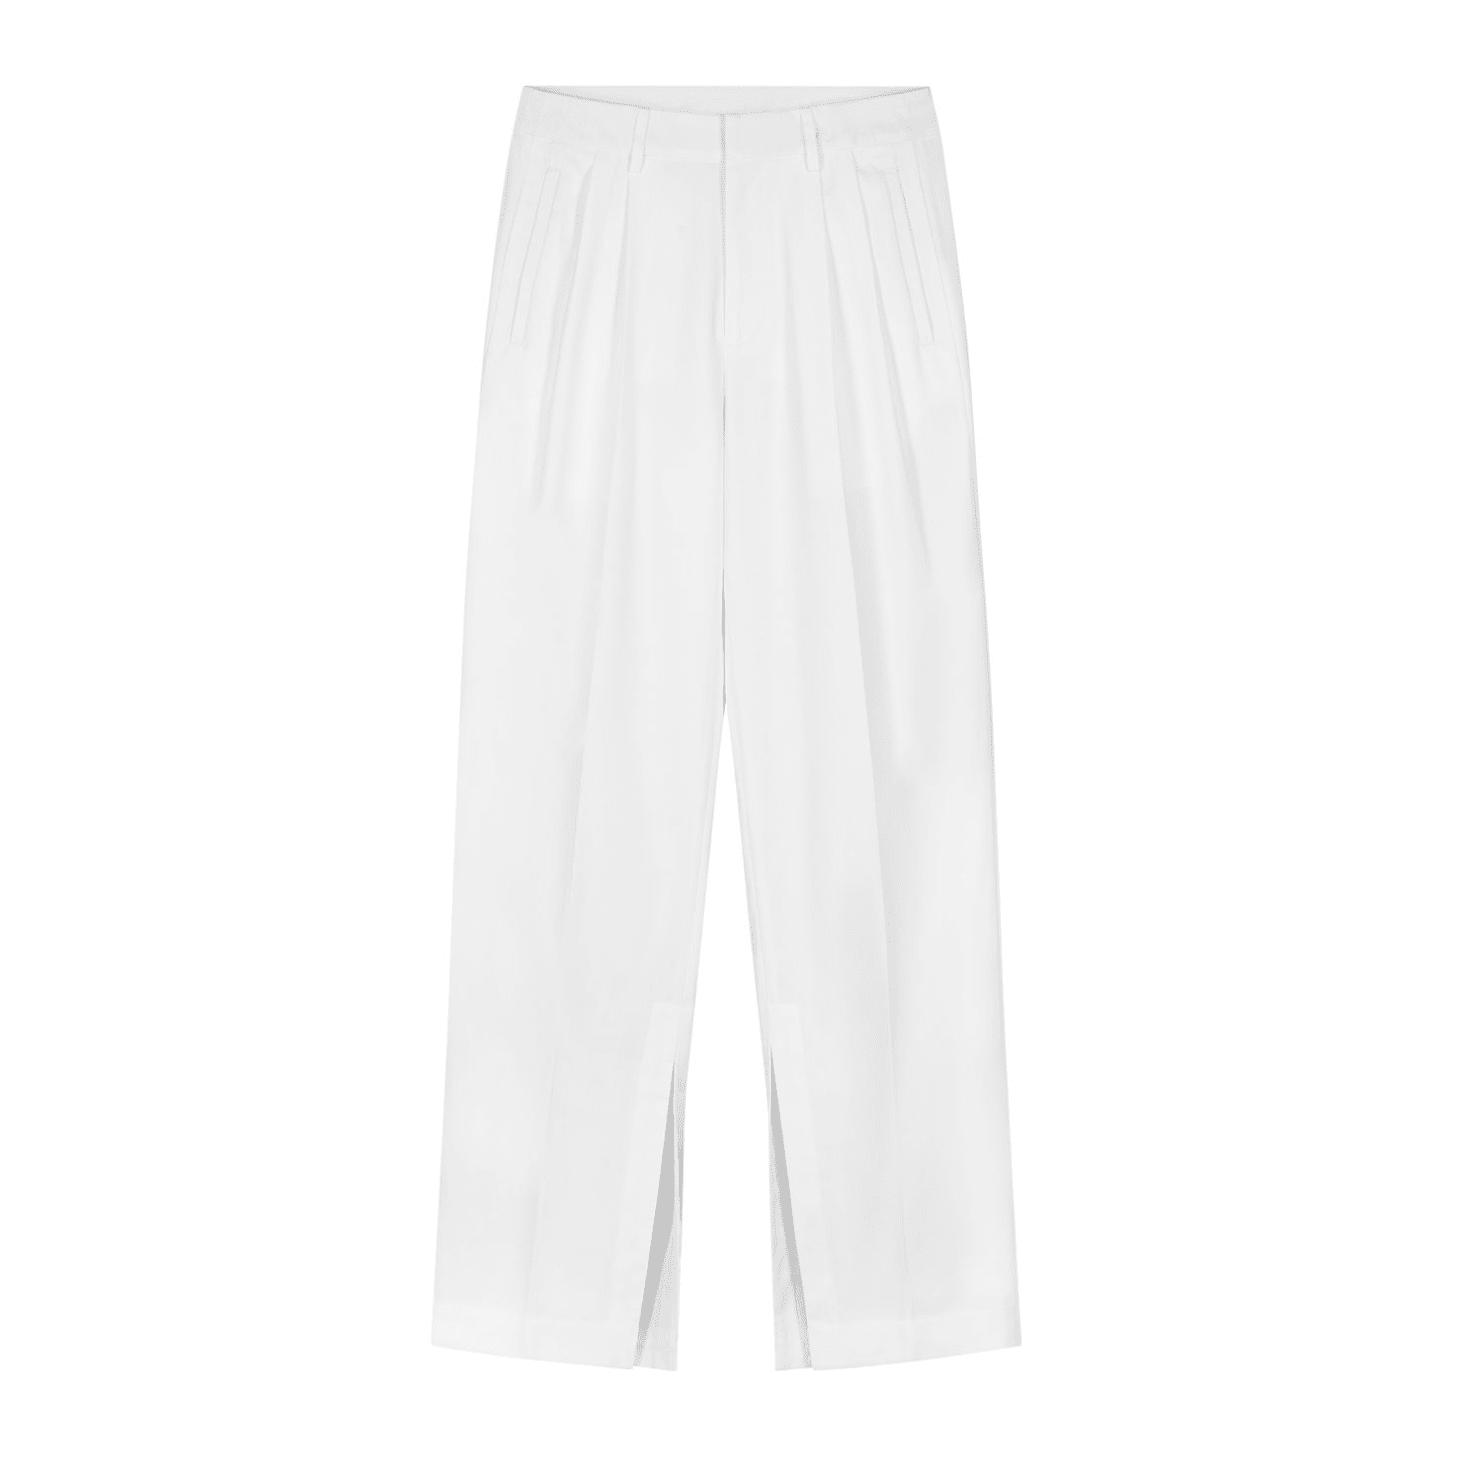 Daily Paper White Kohan Pants